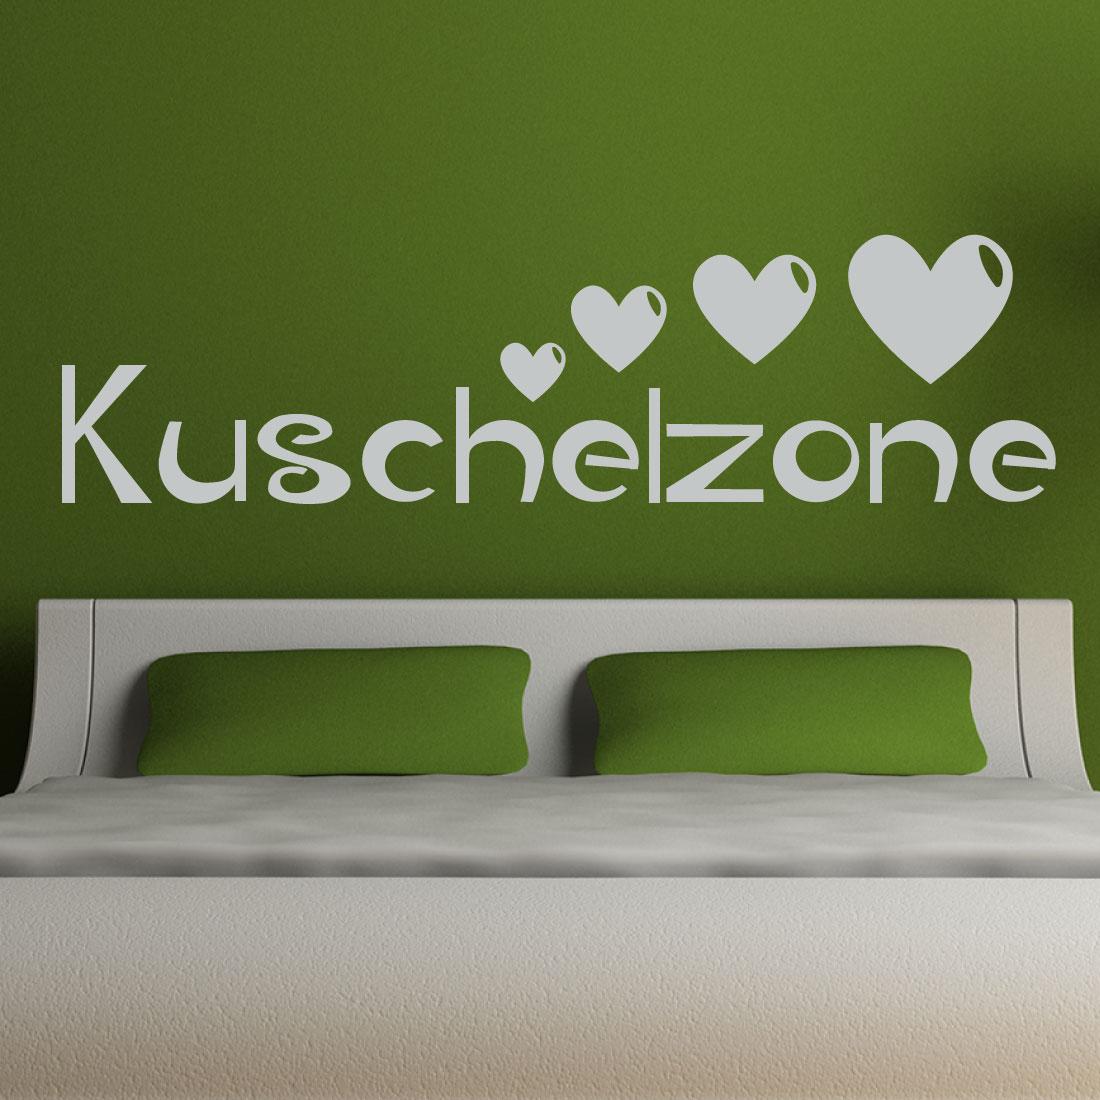 Full Size of Schlafzimmer Kuschelzone Kiwi Ihr Online Shop Fr Wandbilder Günstige Komplett Stuhl Für Set Weiß Küche Teppich Sprüche Wiemann Vorhänge Deckenleuchten Schlafzimmer Schlafzimmer Wandtattoo